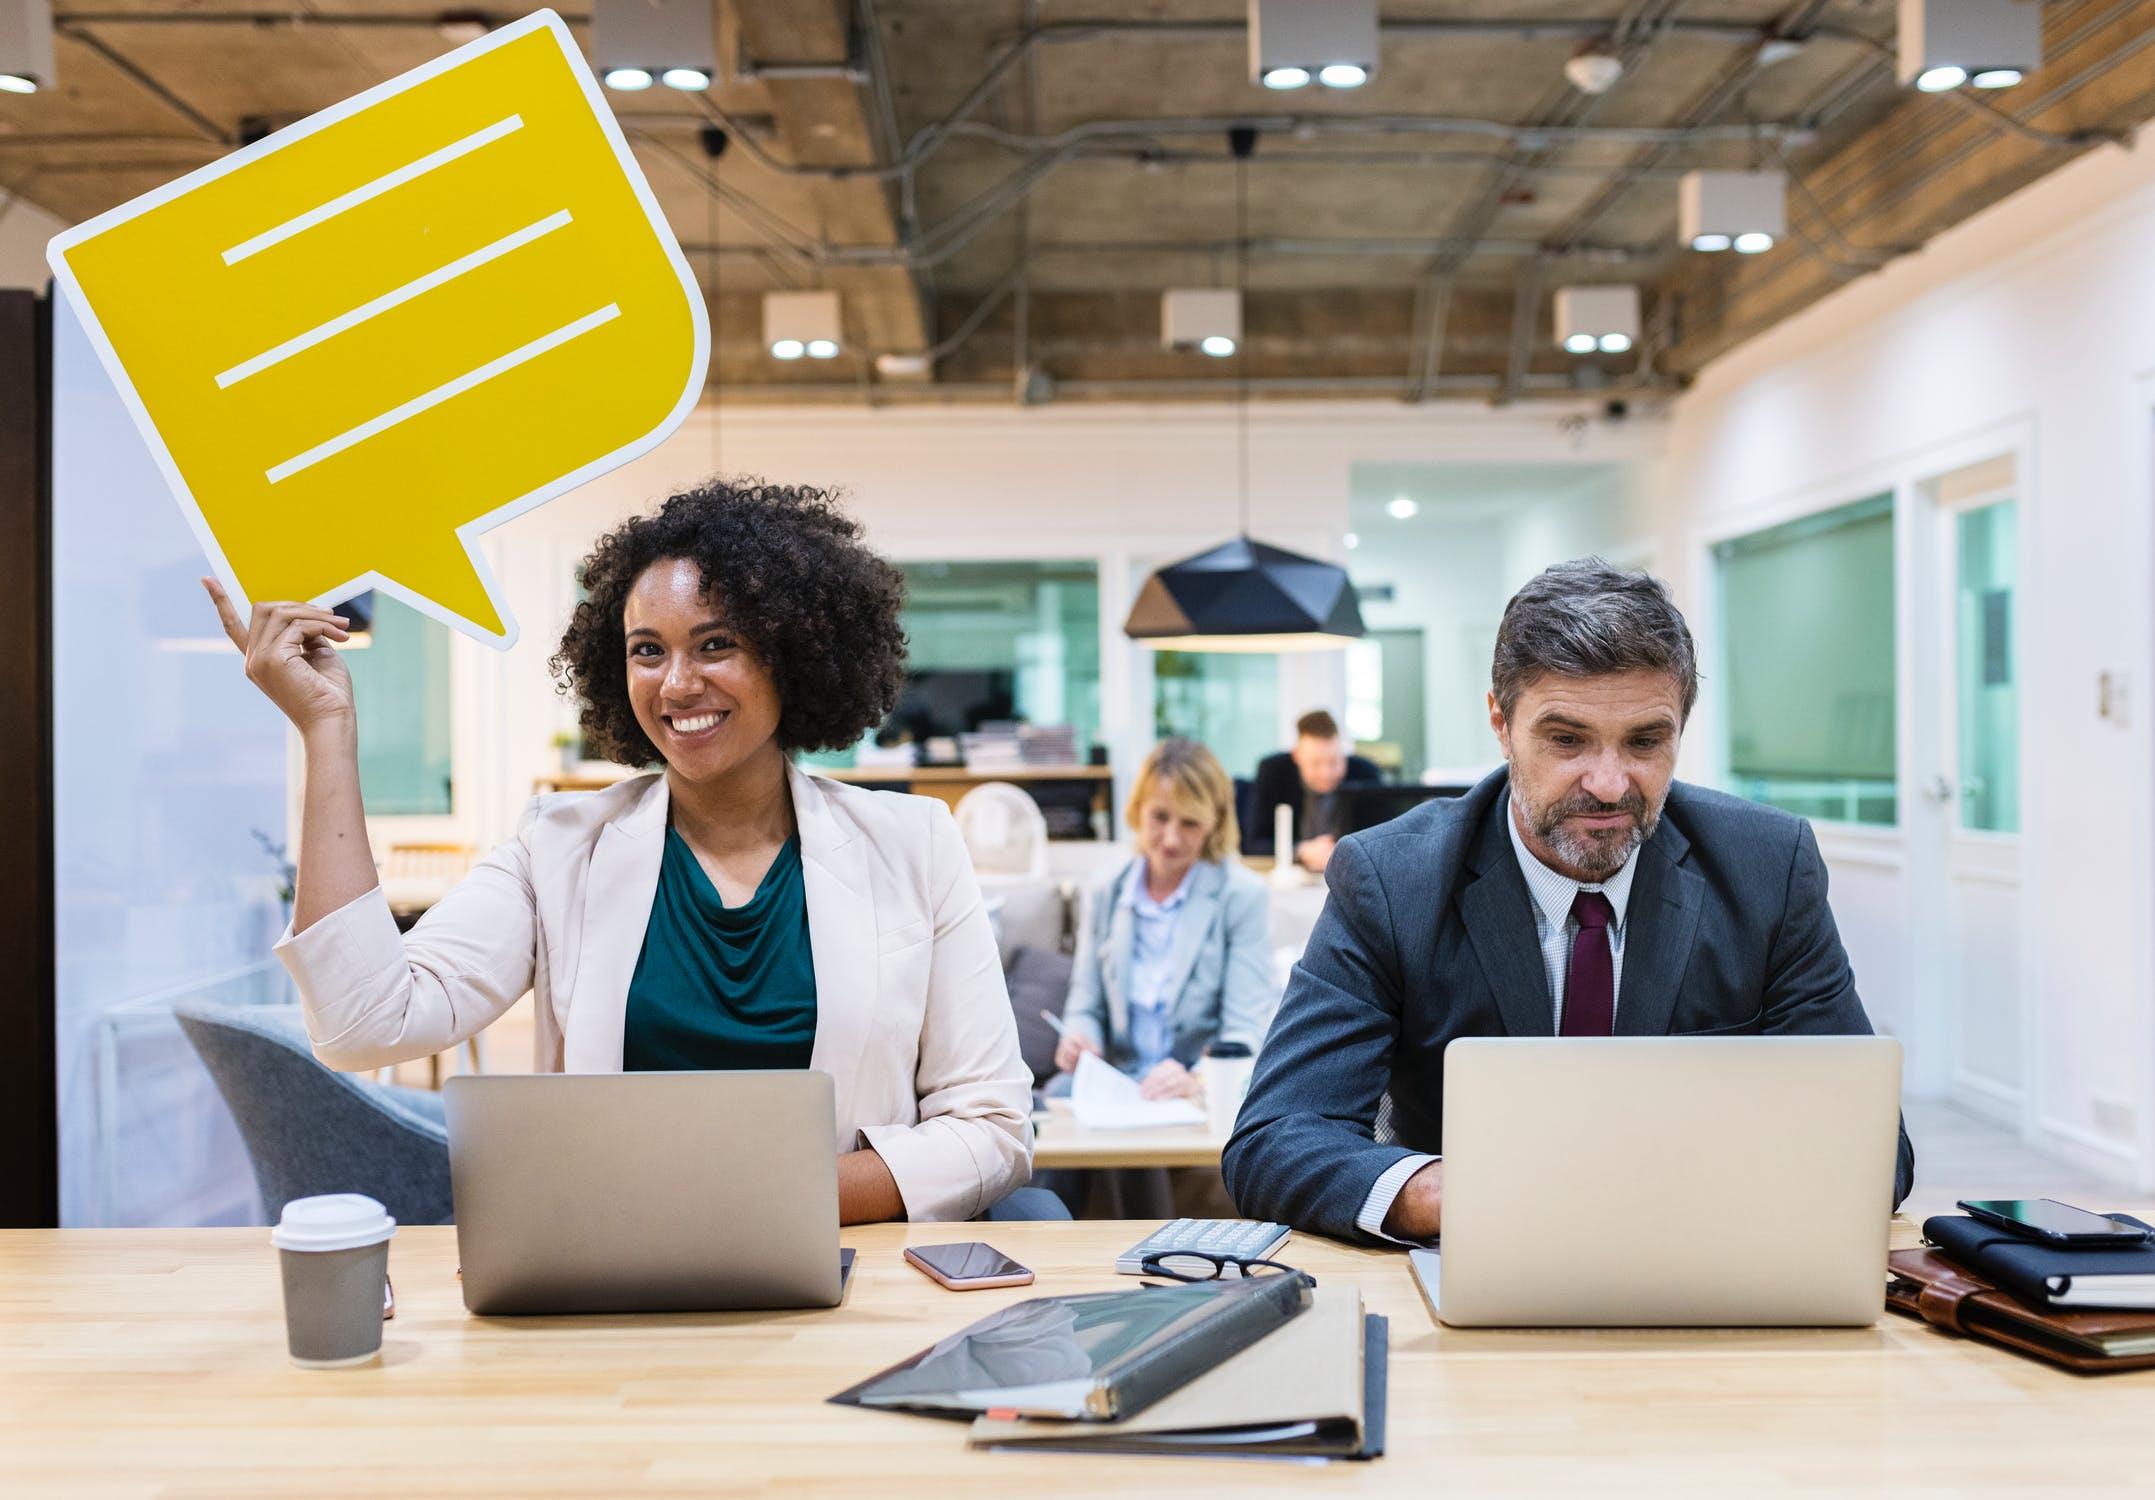 https://reginanavarro.blogosfera.uol.com.br/2019/09/30/por-que-ha-homens-que-nao-suportam-conviver-com-mulheres-bem-sucedidas/